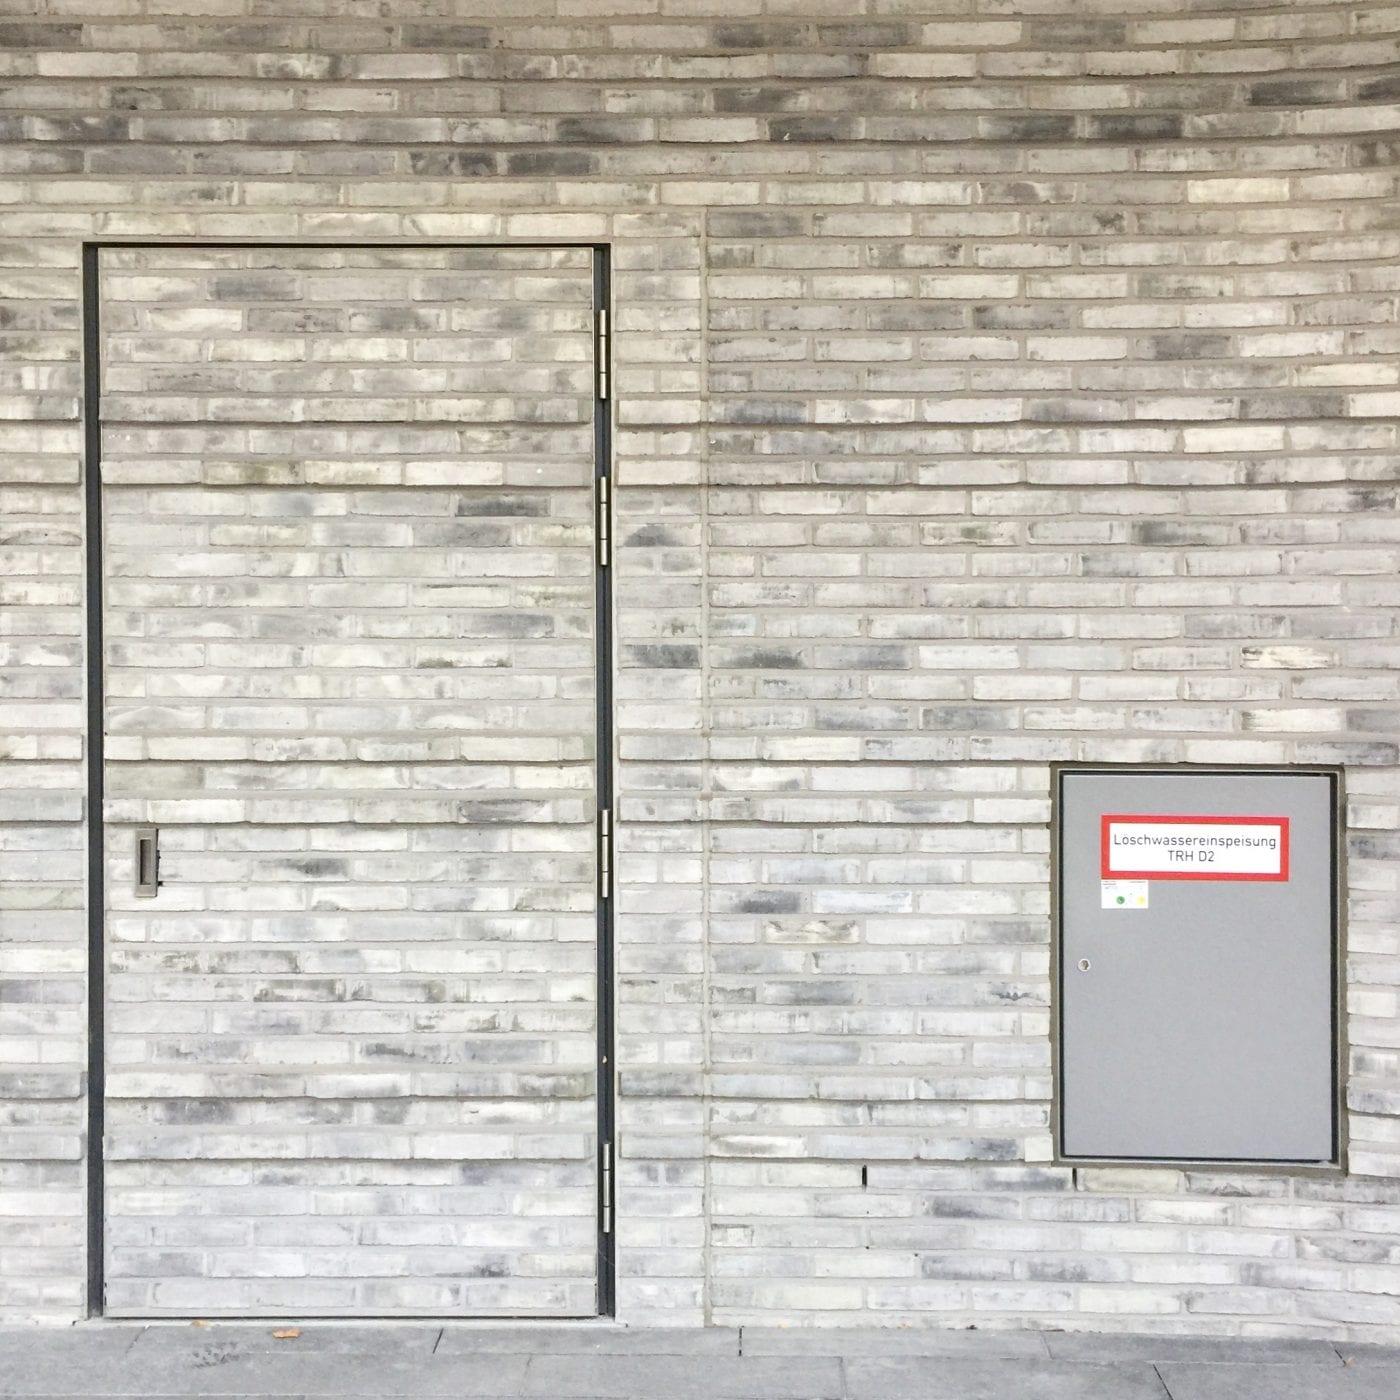 Nachfolgerin von Gunther Adler steht fest: Anne Katrin Bohle wird Staatssekretärin für Stadtentwicklung, Wohnen und Bauwesen (Symbolbild, Fassadendetail eines Bürogebäudes; Foto: Eric Sturm)